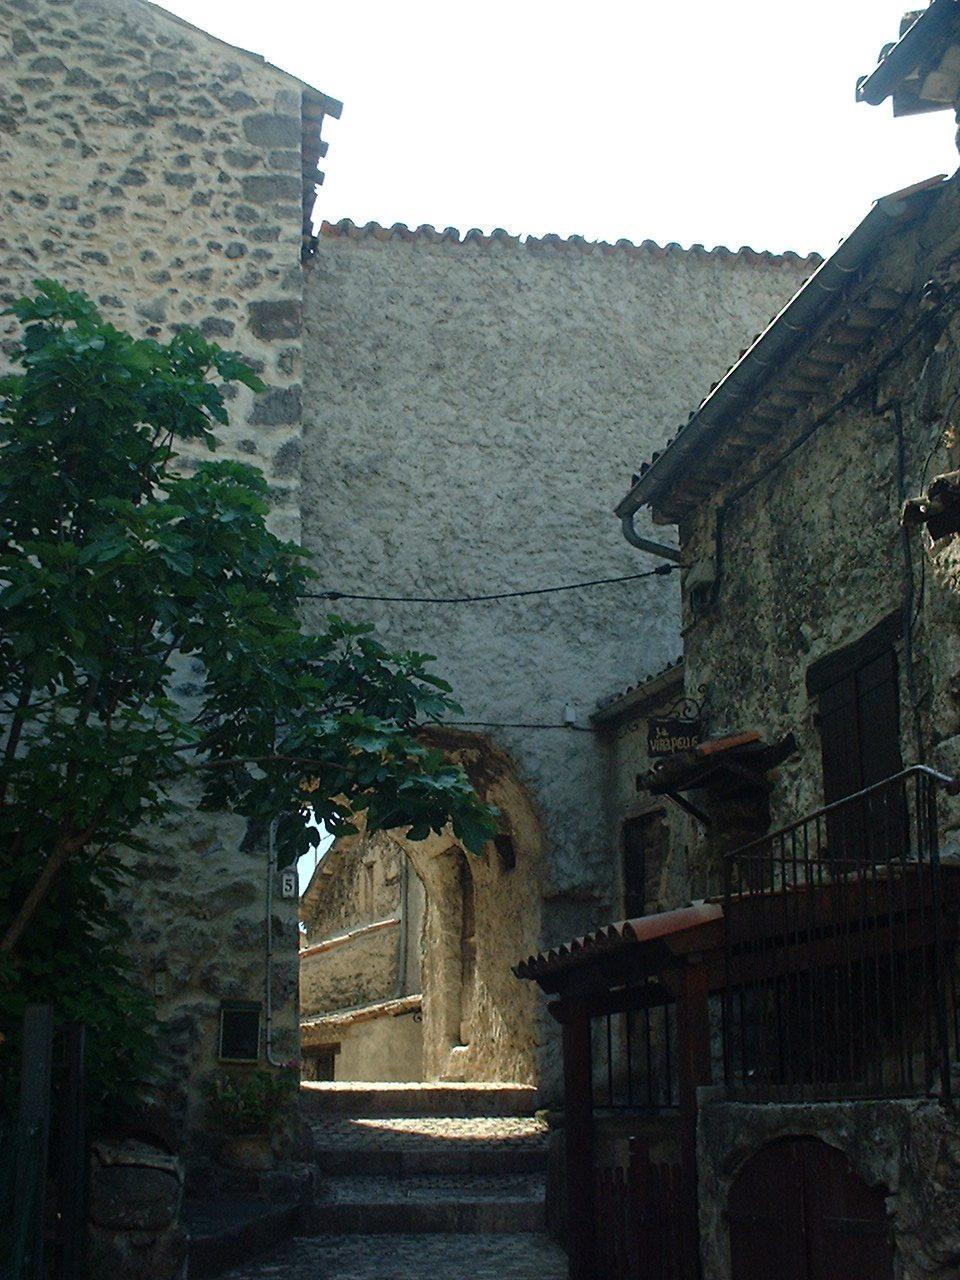 À l'est, sur un replat, quelques vestiges constitués de courtines et de mur de logis sont encore visibles.